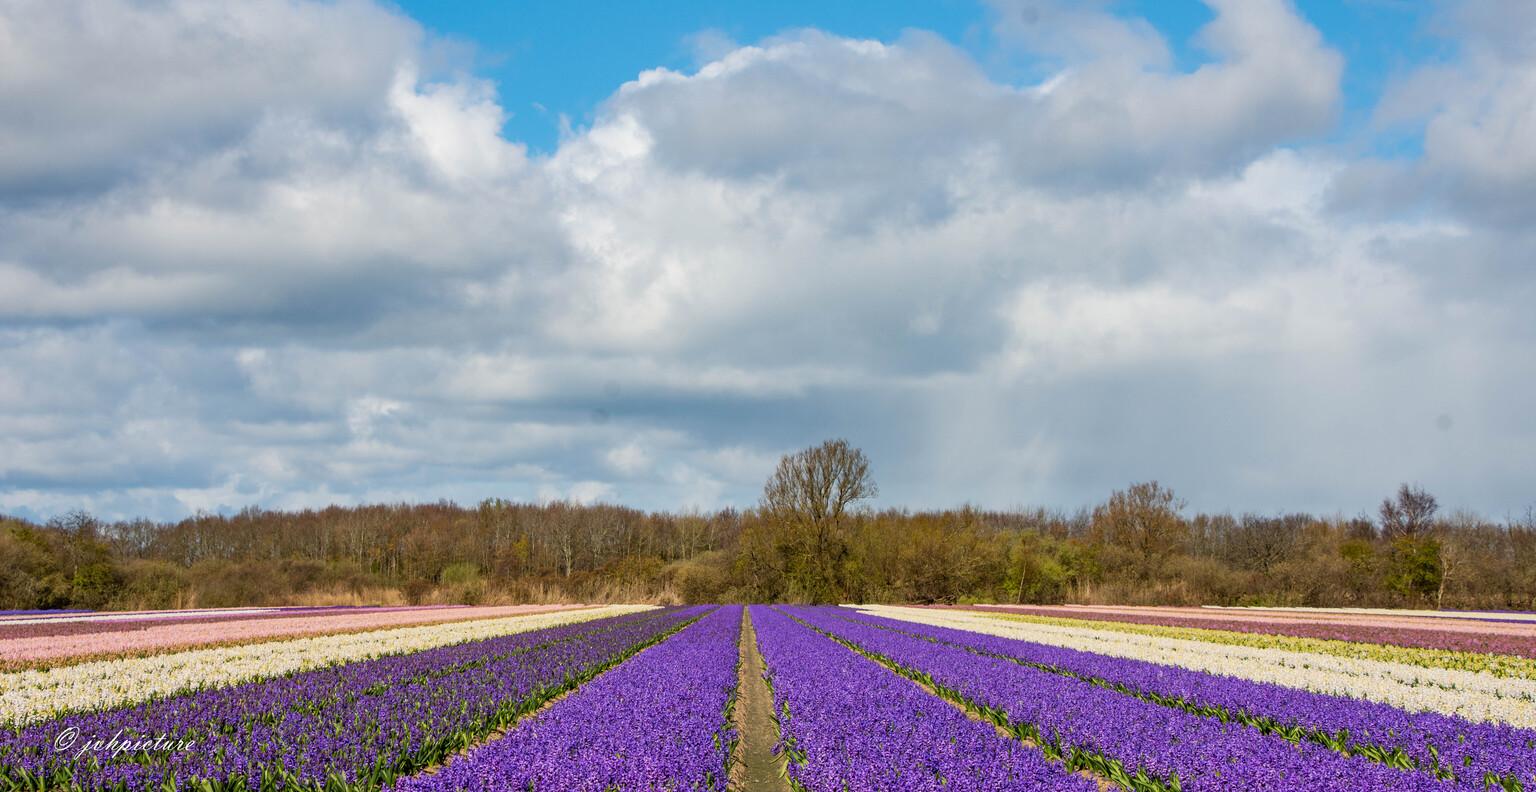 Bollenstreek - Ondanks de voorspellingen werd het een prachtige ochtend! - foto door jvhpicture op 11-04-2021 - locatie: Bollenstreek, Nederland - deze foto bevat: bloem, lucht, wolk, fabriek, mensen in de natuur, natuurlijk landschap, purper, boom, gras, landbouw